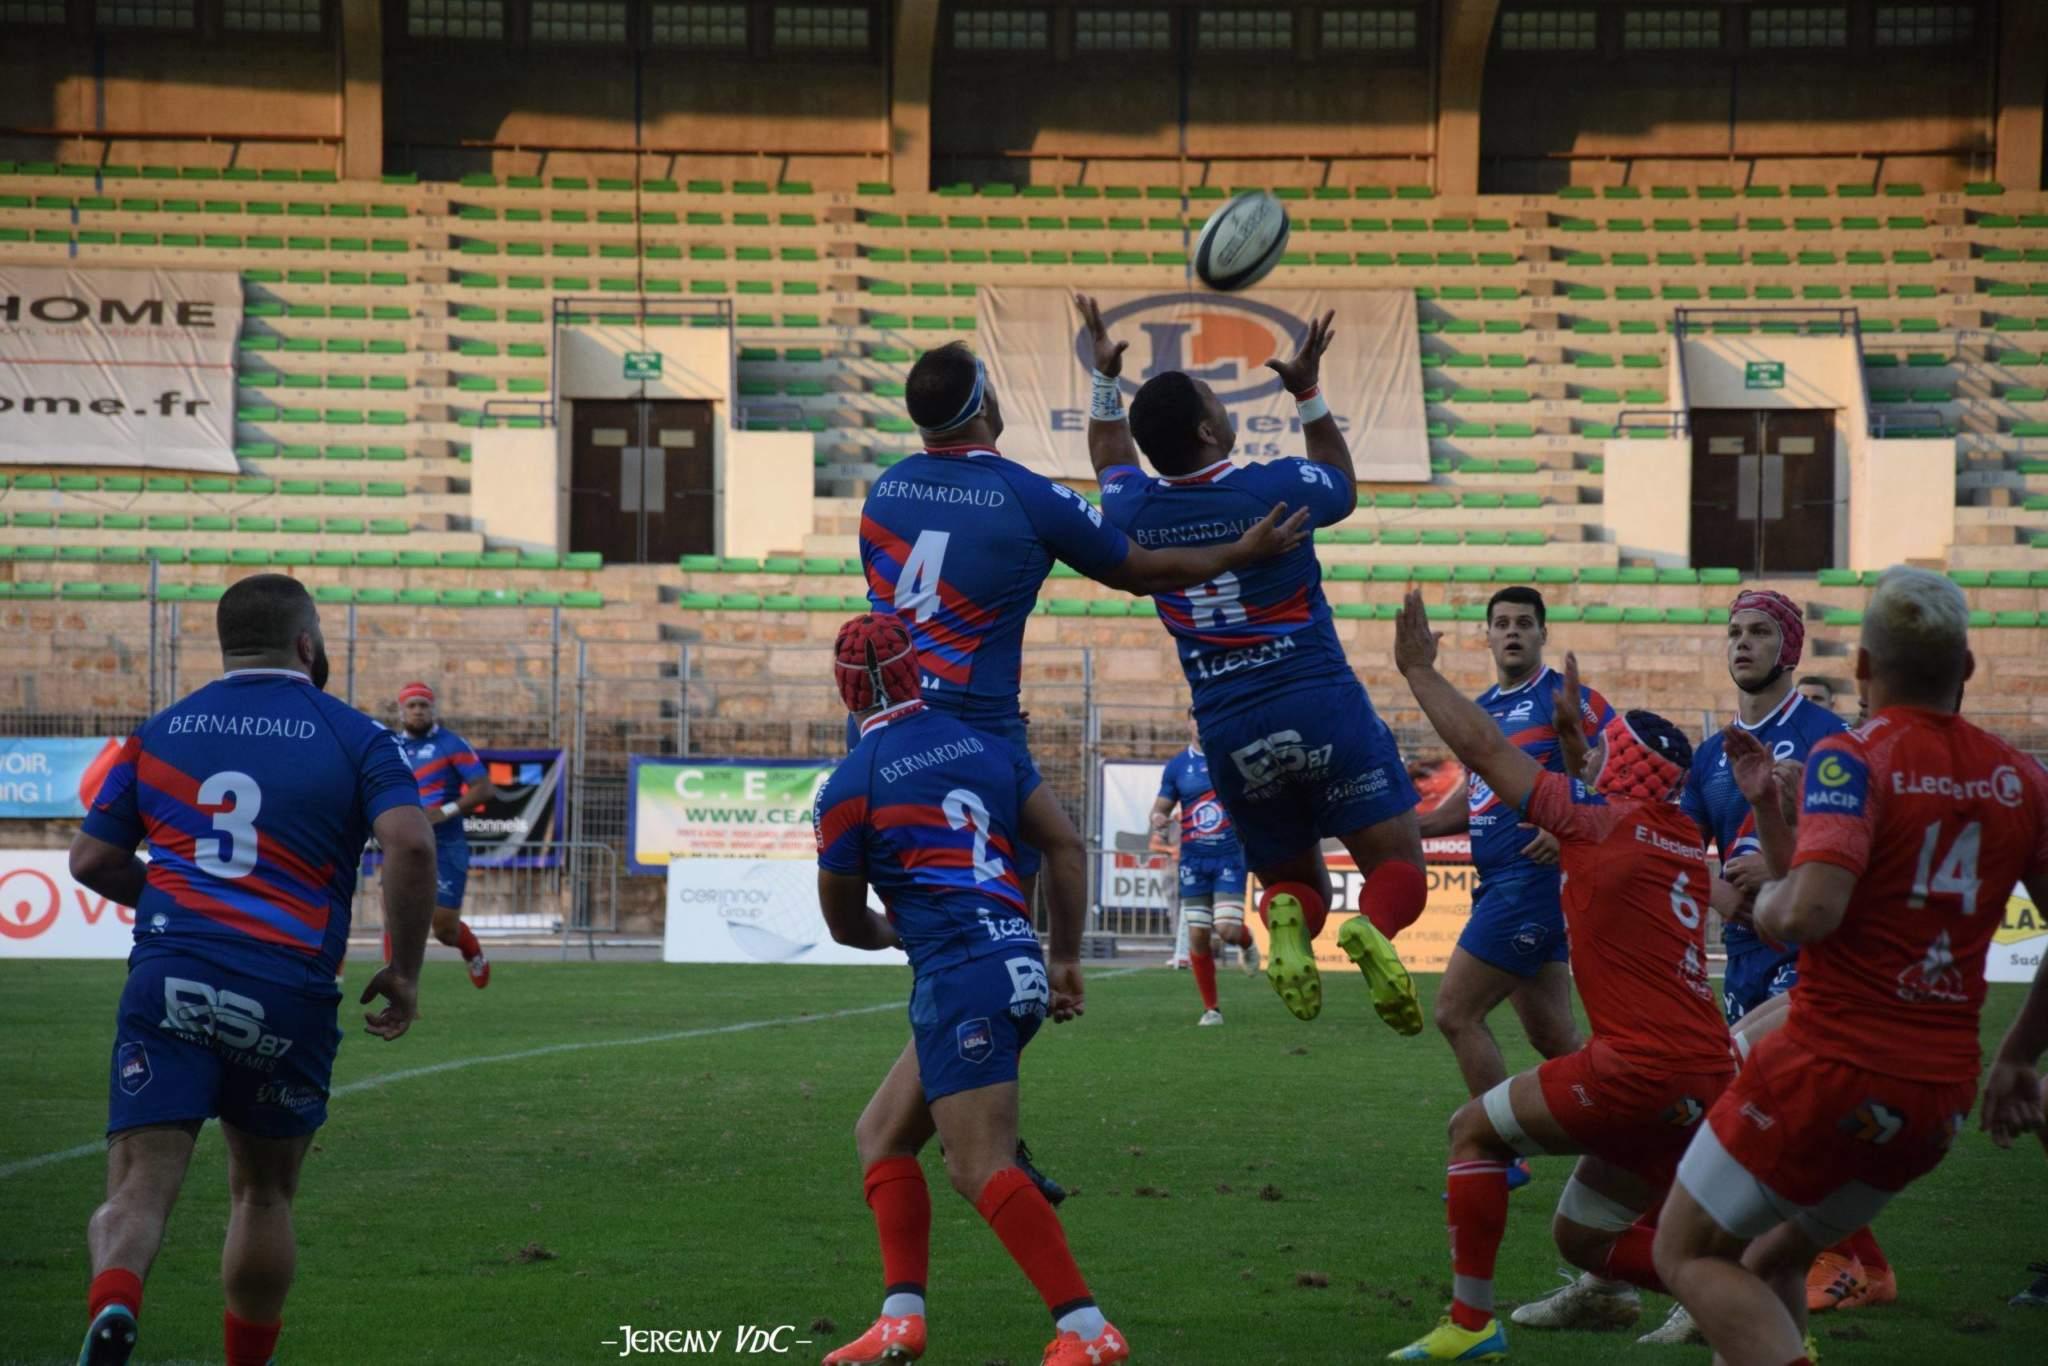 Sam Vea, le 8 dans le dos, fait partie des joueurs dont l'aventure à Limoges va continuer à la rentrée (crédit photo Jeremy VdC)